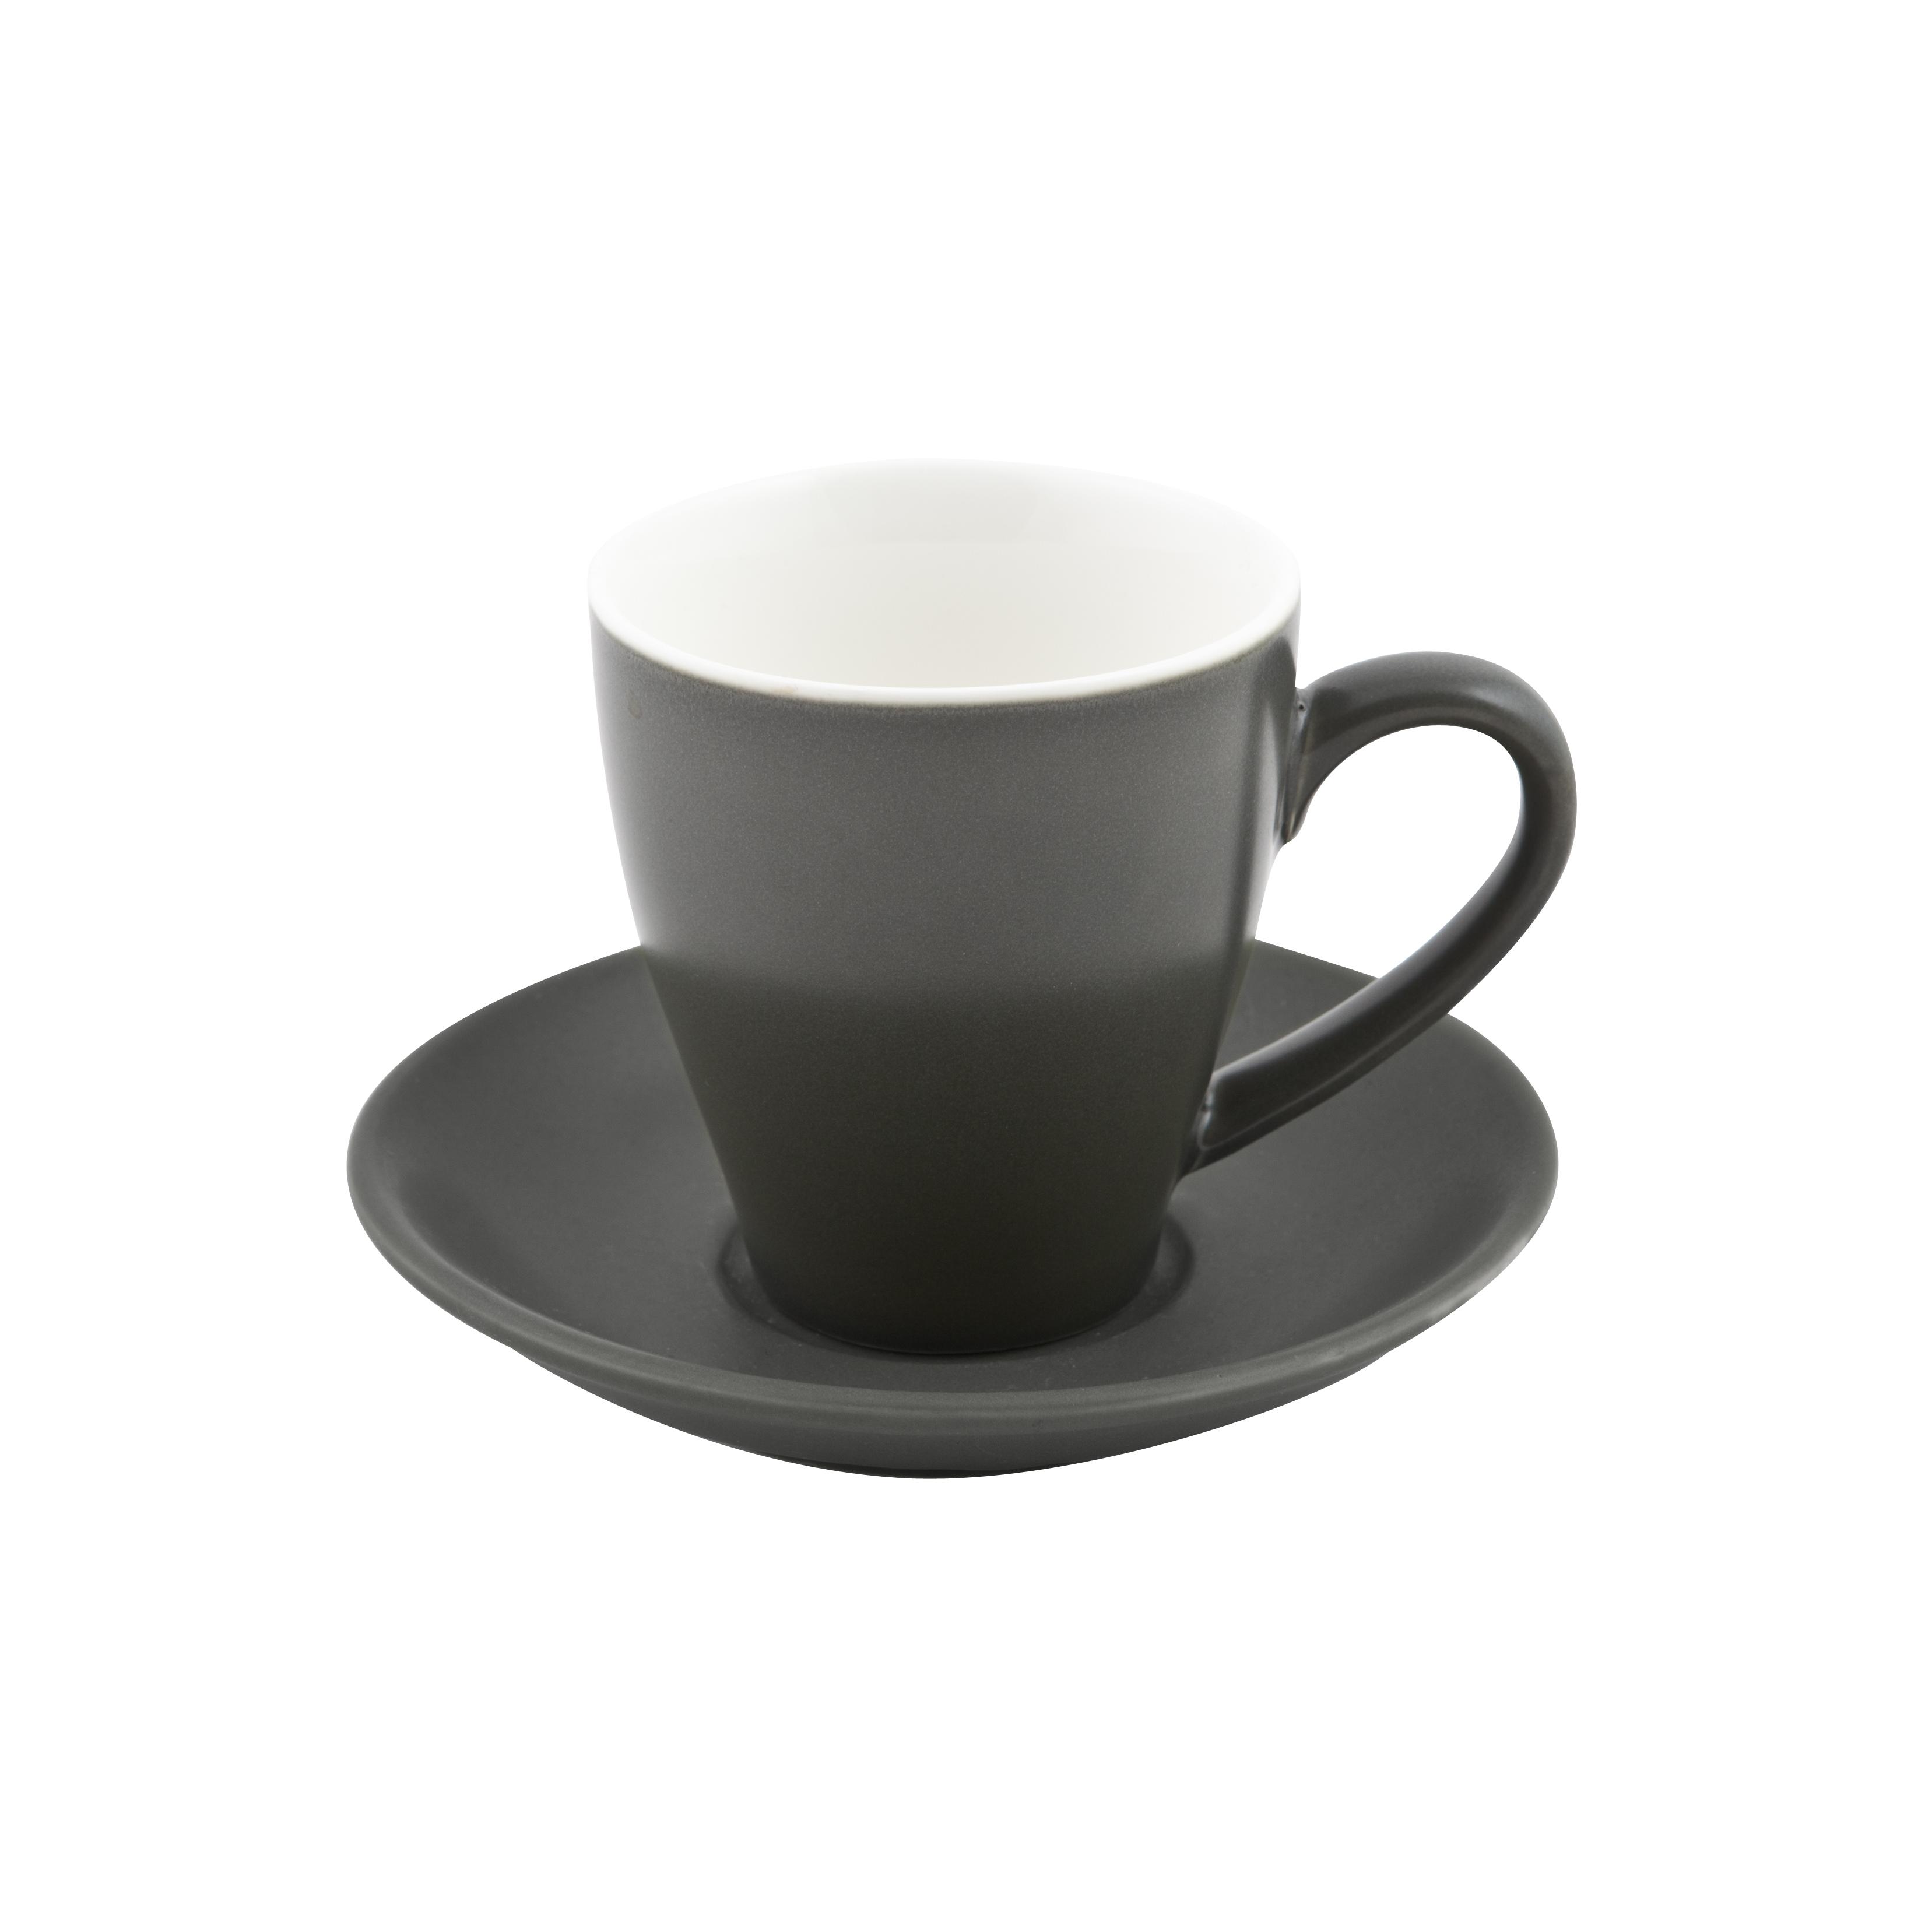 Cono Cappuccino Cup & Saucer